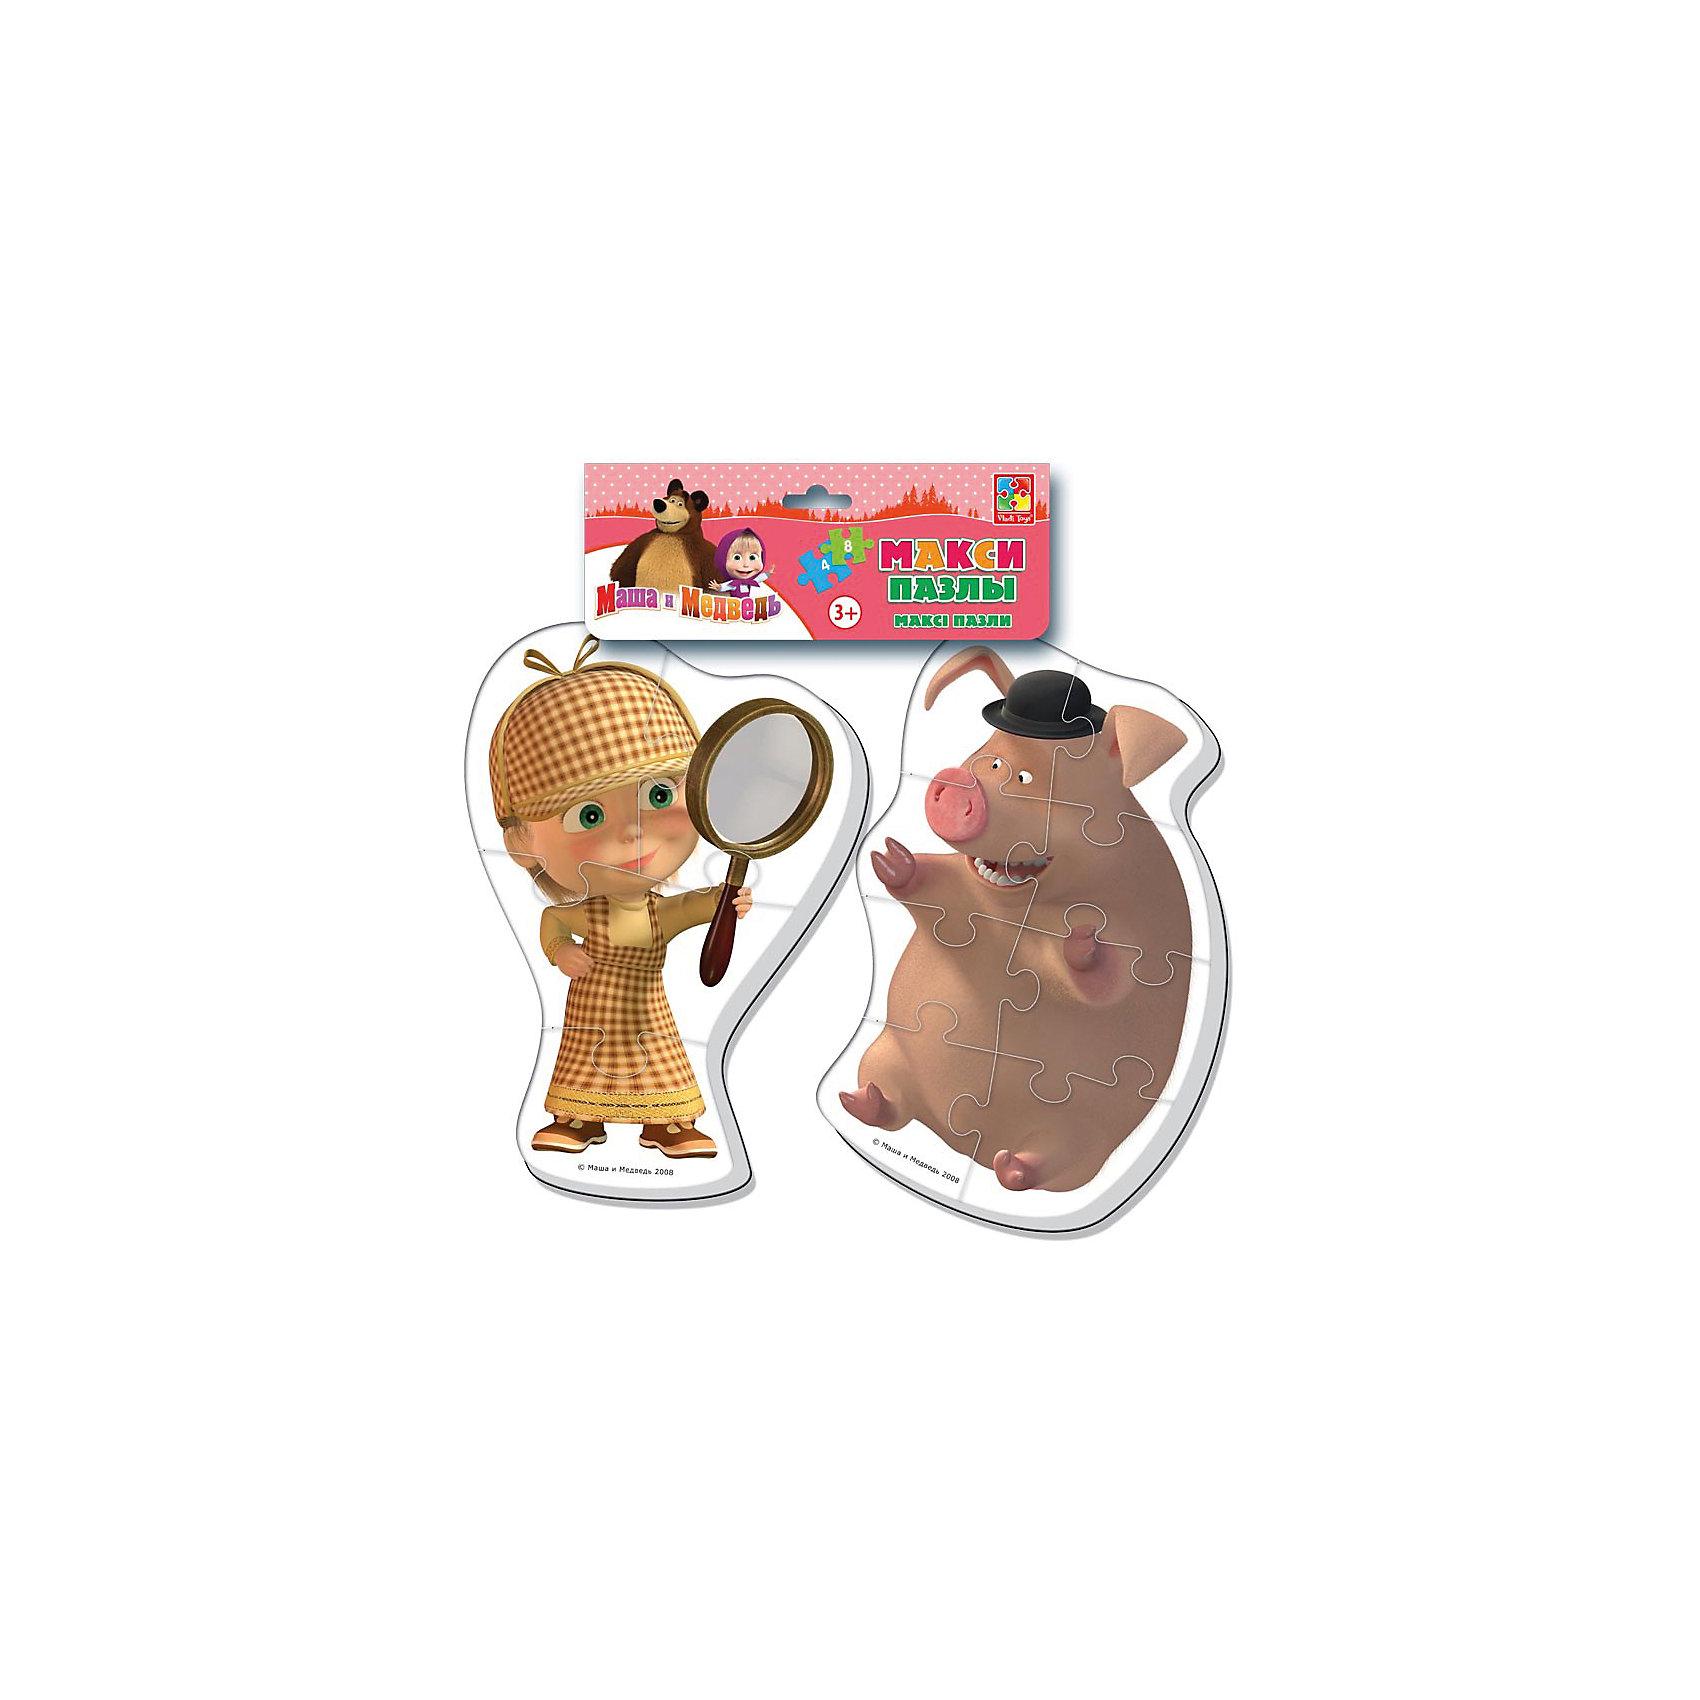 Мягкие макси-пазлы Маша и Медведь, Vladi ToysКоличество деталей<br>Характеристики:<br><br>• Вид игр: развивающие<br>• Серия: макси-пазлы <br>• Пол: универсальный<br>• Материал: полимер, картон<br>• Цвет: желтый, коричневый и др.<br>• Комплектация: 2 пазла (один из 4 деталей, второй из 8 деталей) <br>• Размеры (Д*Ш*В): 21*1*35 см<br>• Тип упаковки: полиэтиленовый пакет с хедером<br>• Вес: 41 г<br>• Общее количество элементов: 12 шт.<br><br>Мягкие макси-пазлы Маша и Медведь, Vladi Toys, производителем которых является компания, специализирующаяся на выпуске развивающих игр, давно уже стали популярными среди аналогичной продукции. Мягкие пазлы – идеальное решение для развивающих занятий с самыми маленькими детьми, так как они разделены на большие элементы с крупными изображениями, чаще всего в качестве картинок используются герои популярных мультсериалов. Самое важное в пазле для малышей – это минимум деталей и безопасность элементов. Все используемые в производстве материалы являются экологически безопасными, не вызывают аллергии, не имеют запаха. Набор состоит из 12-ти элементов, из которых можно собрать две картинки с изображениями Маши в образе Шерлока Холмса и хрюшки из мультфильма Маша и медведь. <br>Мягкие макси-пазлы Маша и Медведь, Vladi Toys способствуют развитию не только мелкой моторики, но и внимательности, усидчивости, терпению при достижении цели. <br><br>Мягкие макси-пазлы Маша и Медведь, Vladi Toys можно купить в нашем интернет-магазине.<br><br>Ширина мм: 210<br>Глубина мм: 10<br>Высота мм: 350<br>Вес г: 41<br>Возраст от месяцев: 24<br>Возраст до месяцев: 60<br>Пол: Унисекс<br>Возраст: Детский<br>SKU: 5136068